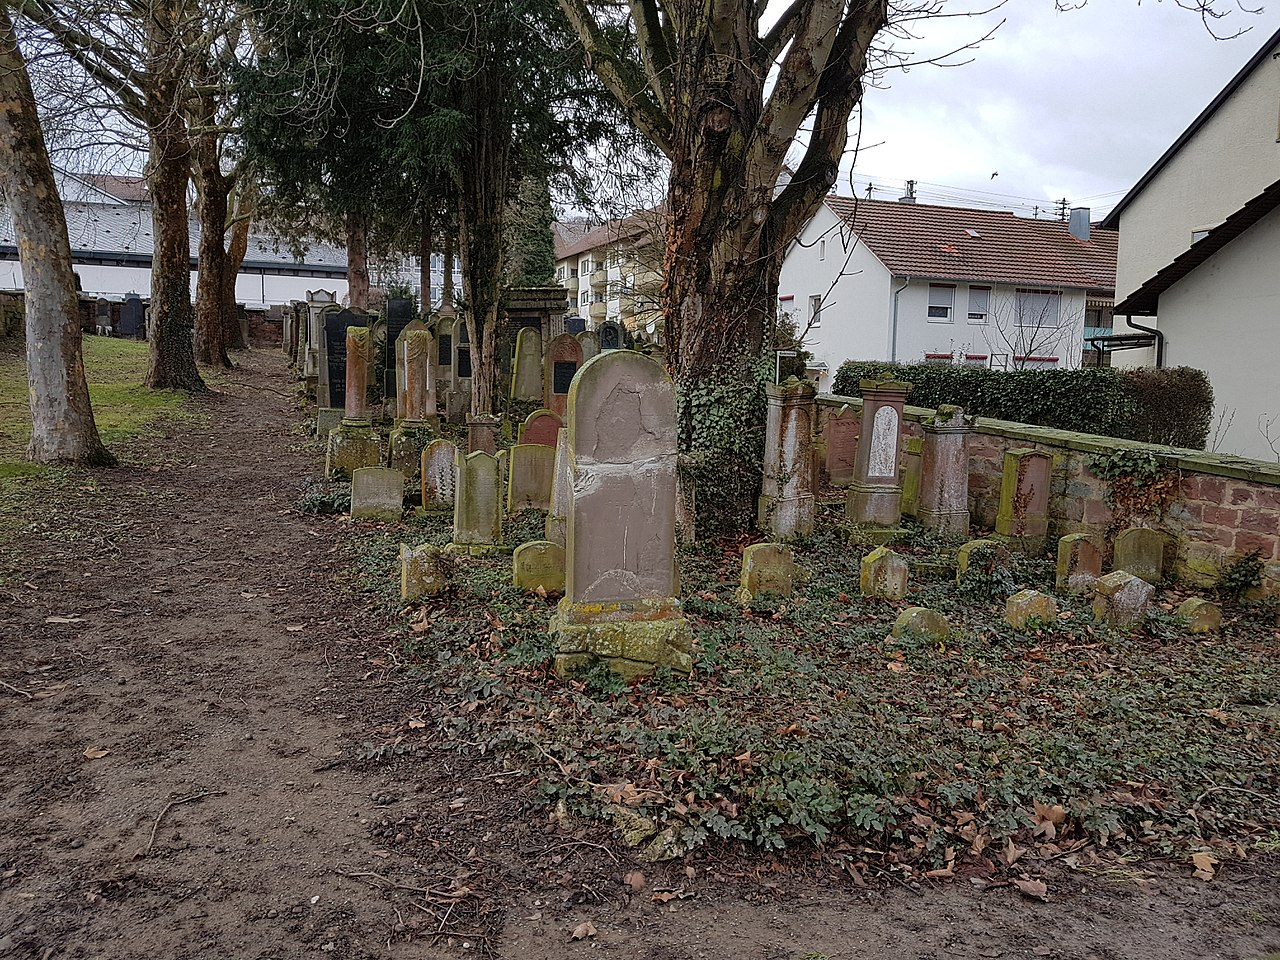 Jüdischer Friedhof Tauberbischofsheim direkt neben dem Friedhof Tauberbischofsheim - 1.jpg